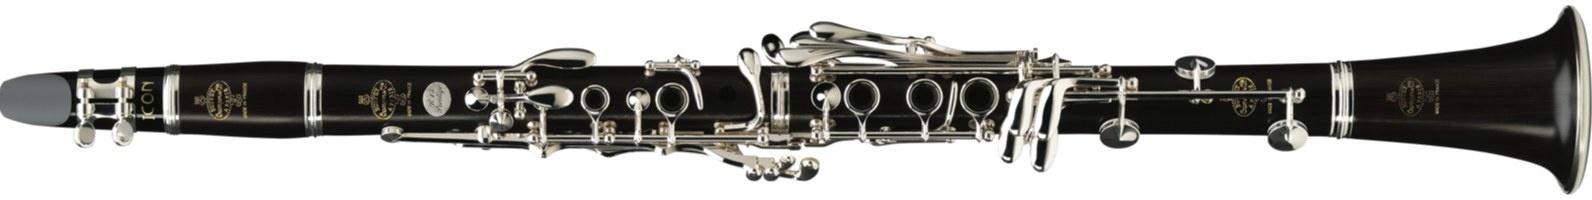 New Bb Clarinets